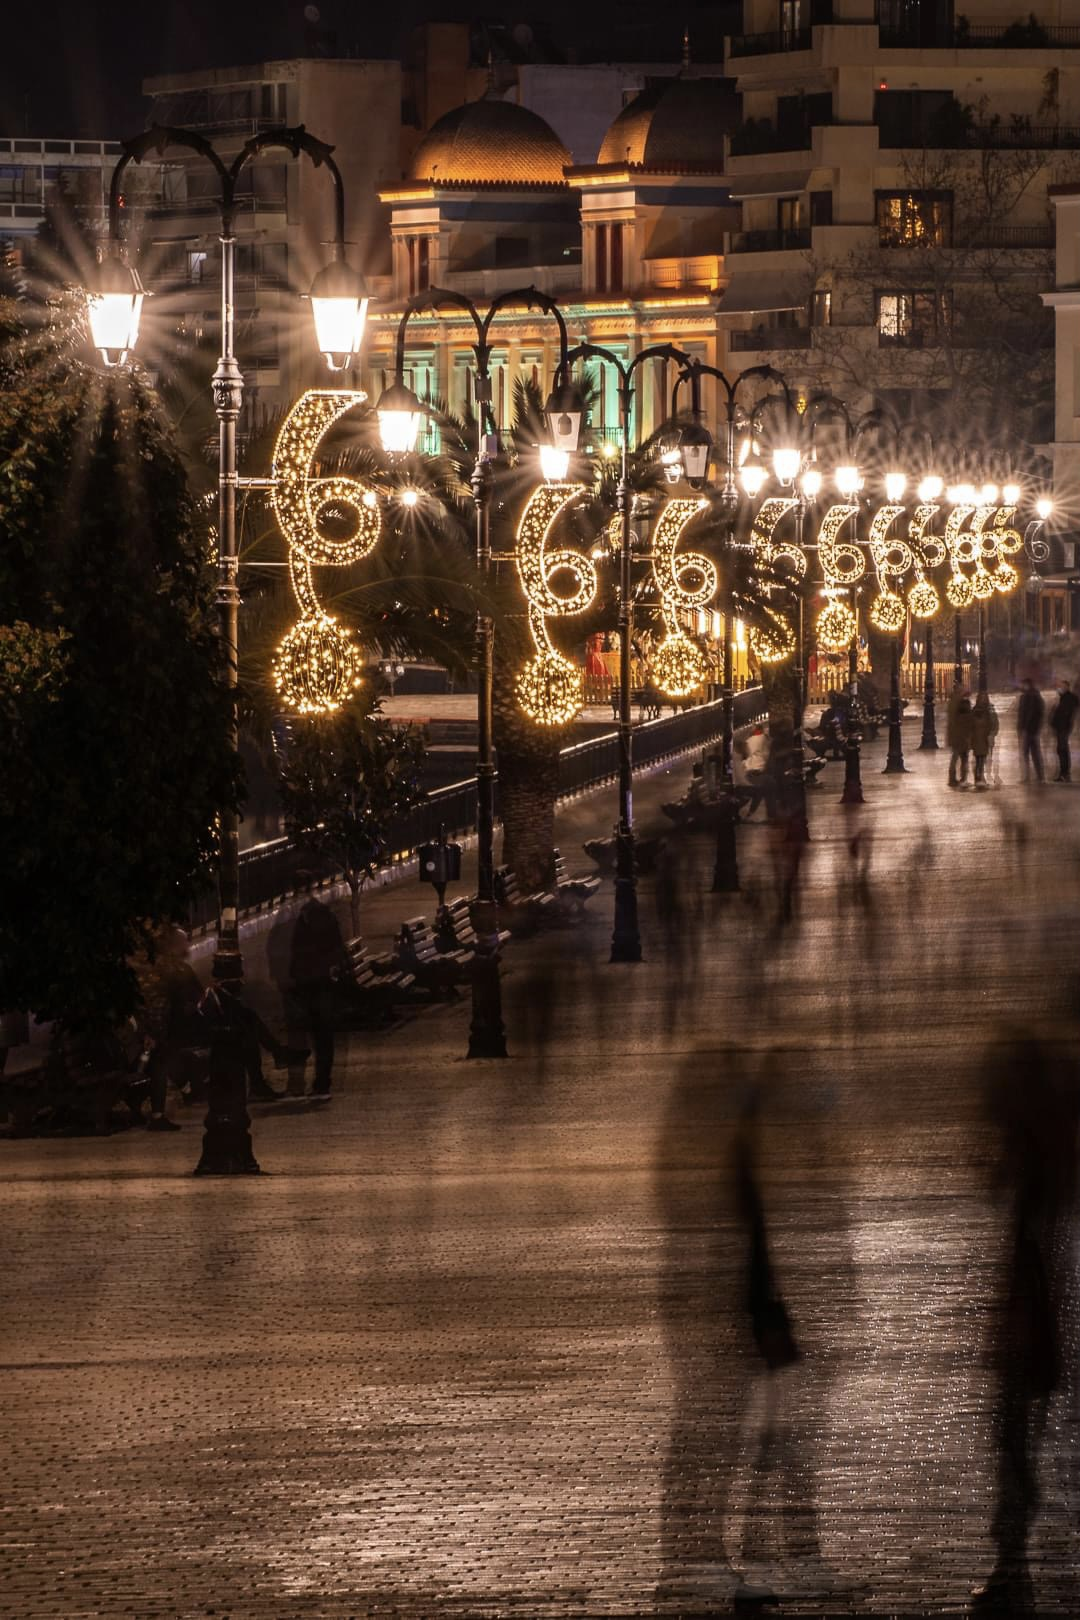 Lockdown: Τα μέτρα για την Πρωτοχρονιά – Σε ισχύ η απαγόρευση κυκλοφορίας